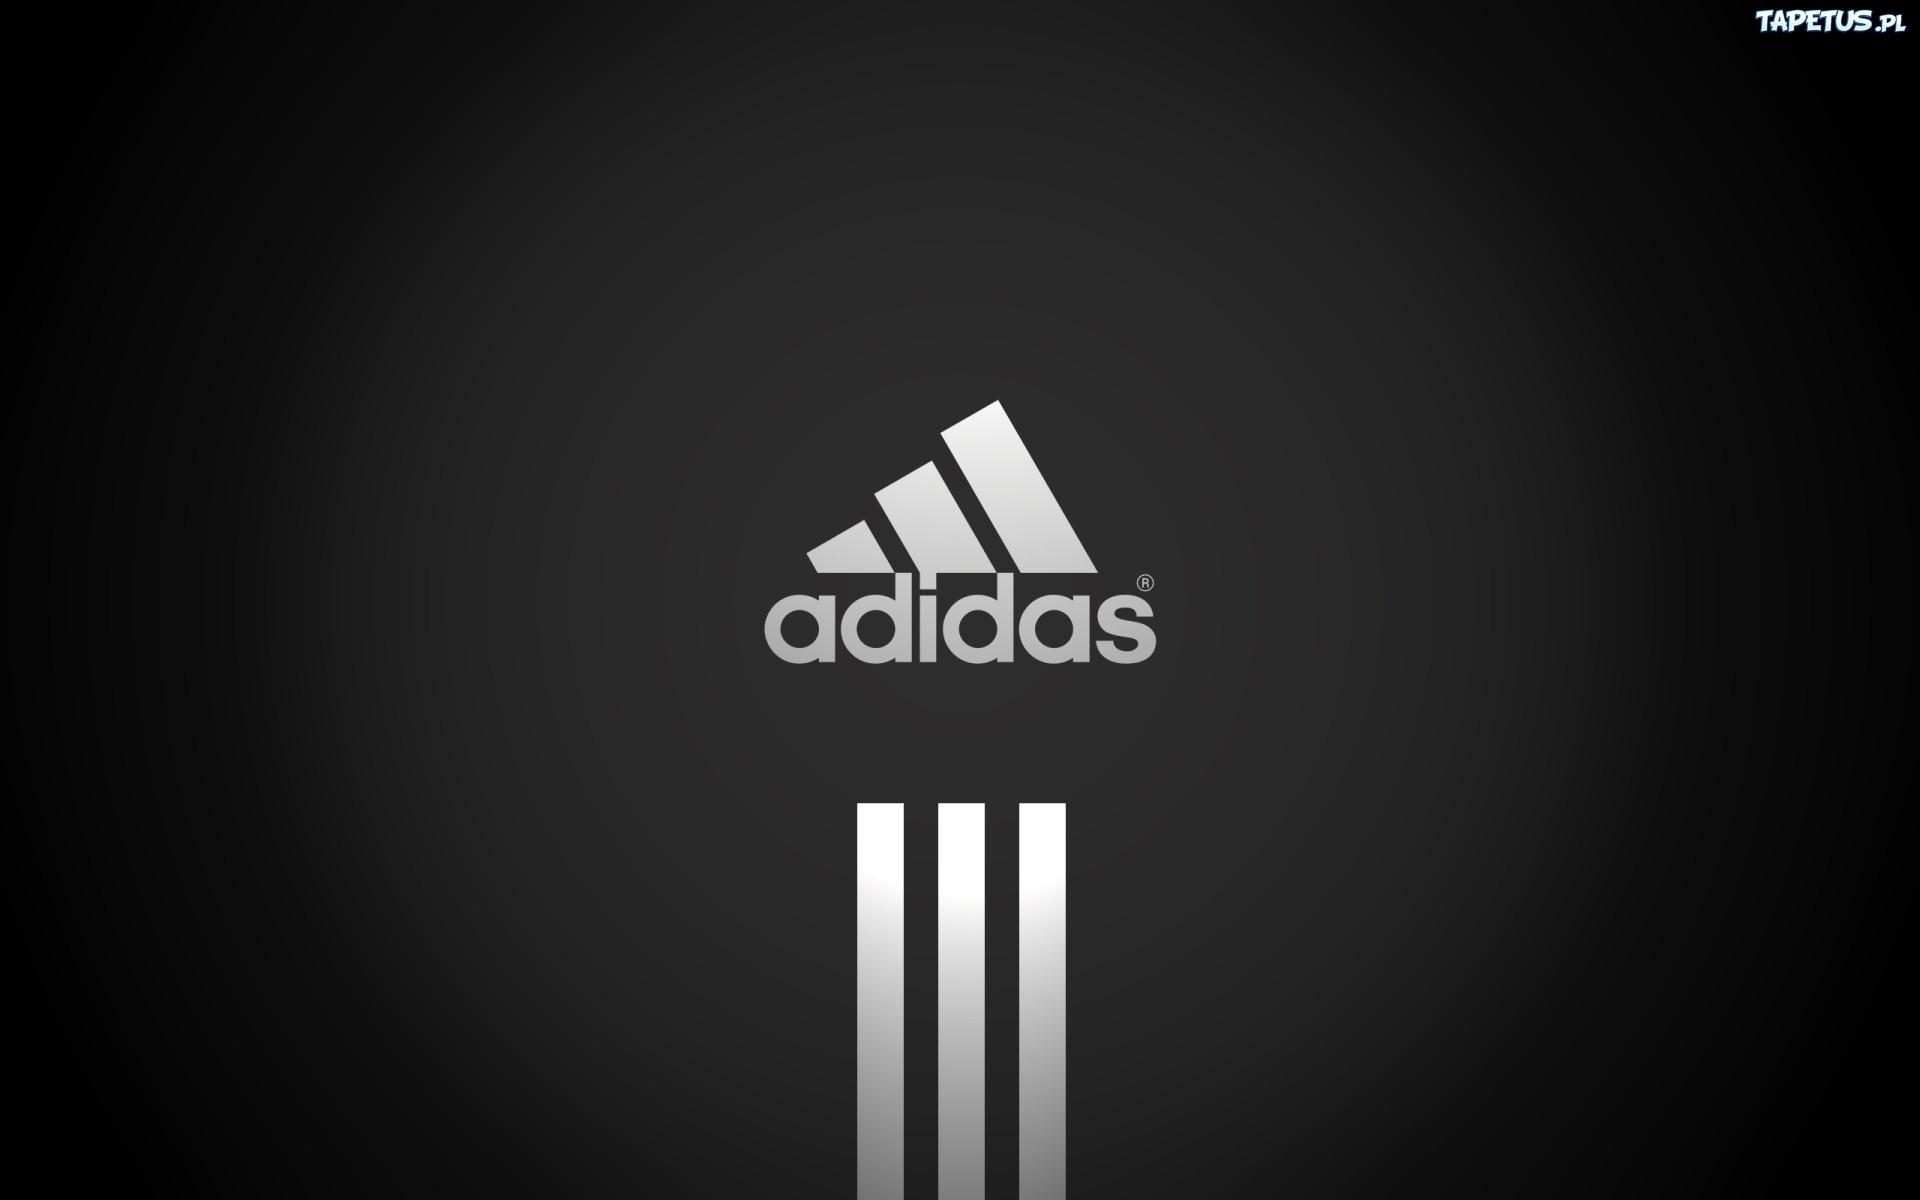 阿迪达斯设计图 logo标志 阿迪达斯 adidas 品牌壁纸